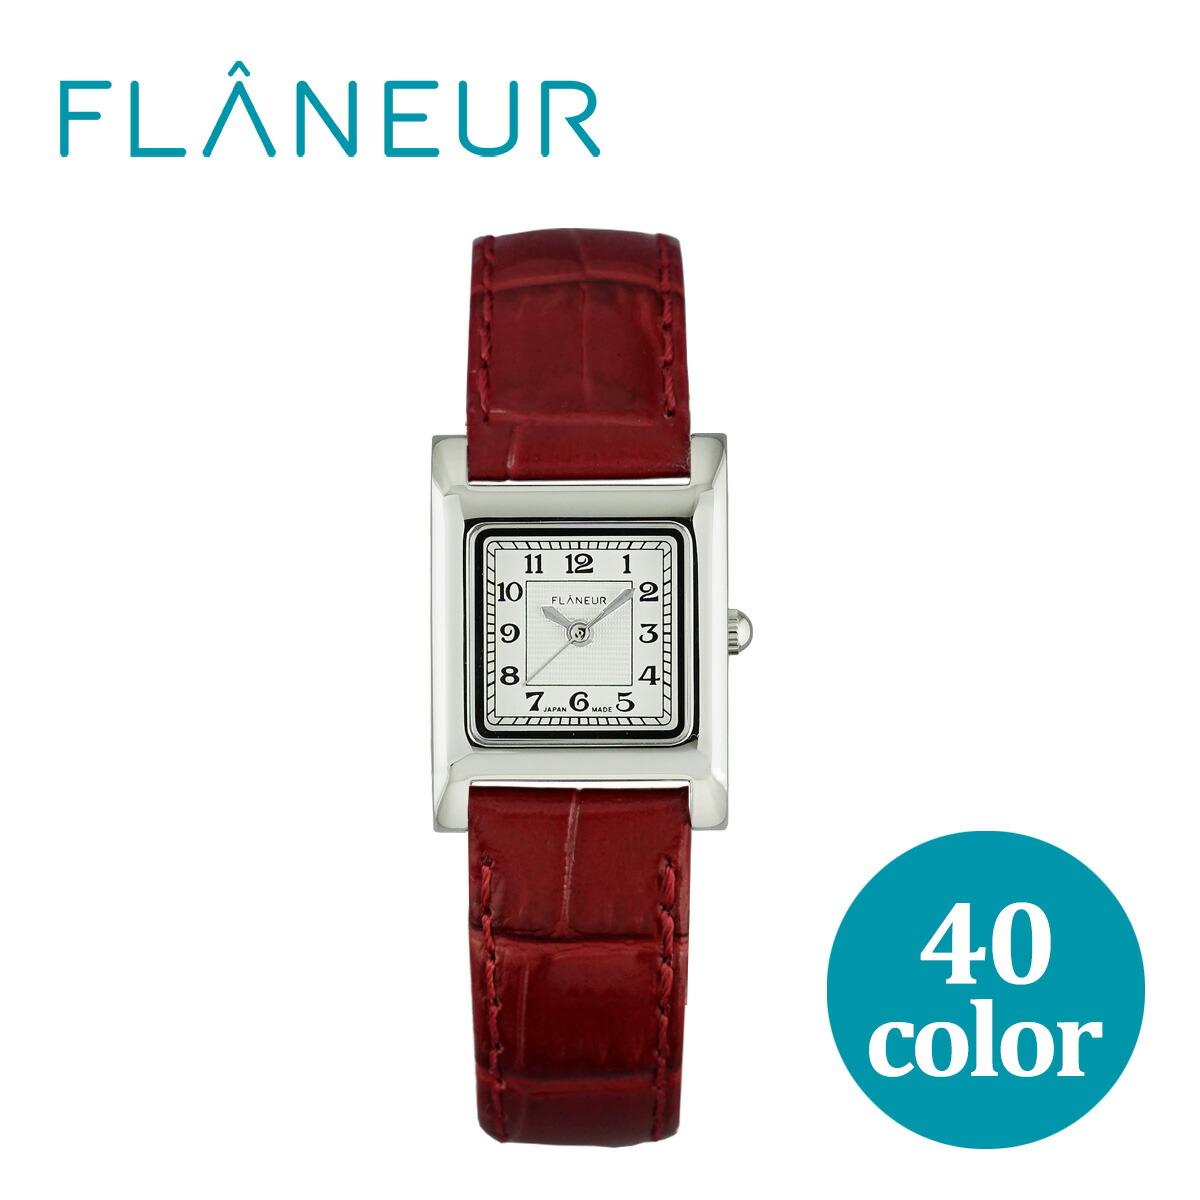 フラヌール レディース腕時計 スクエア ウォッチ 四角形 腕時計 楽天